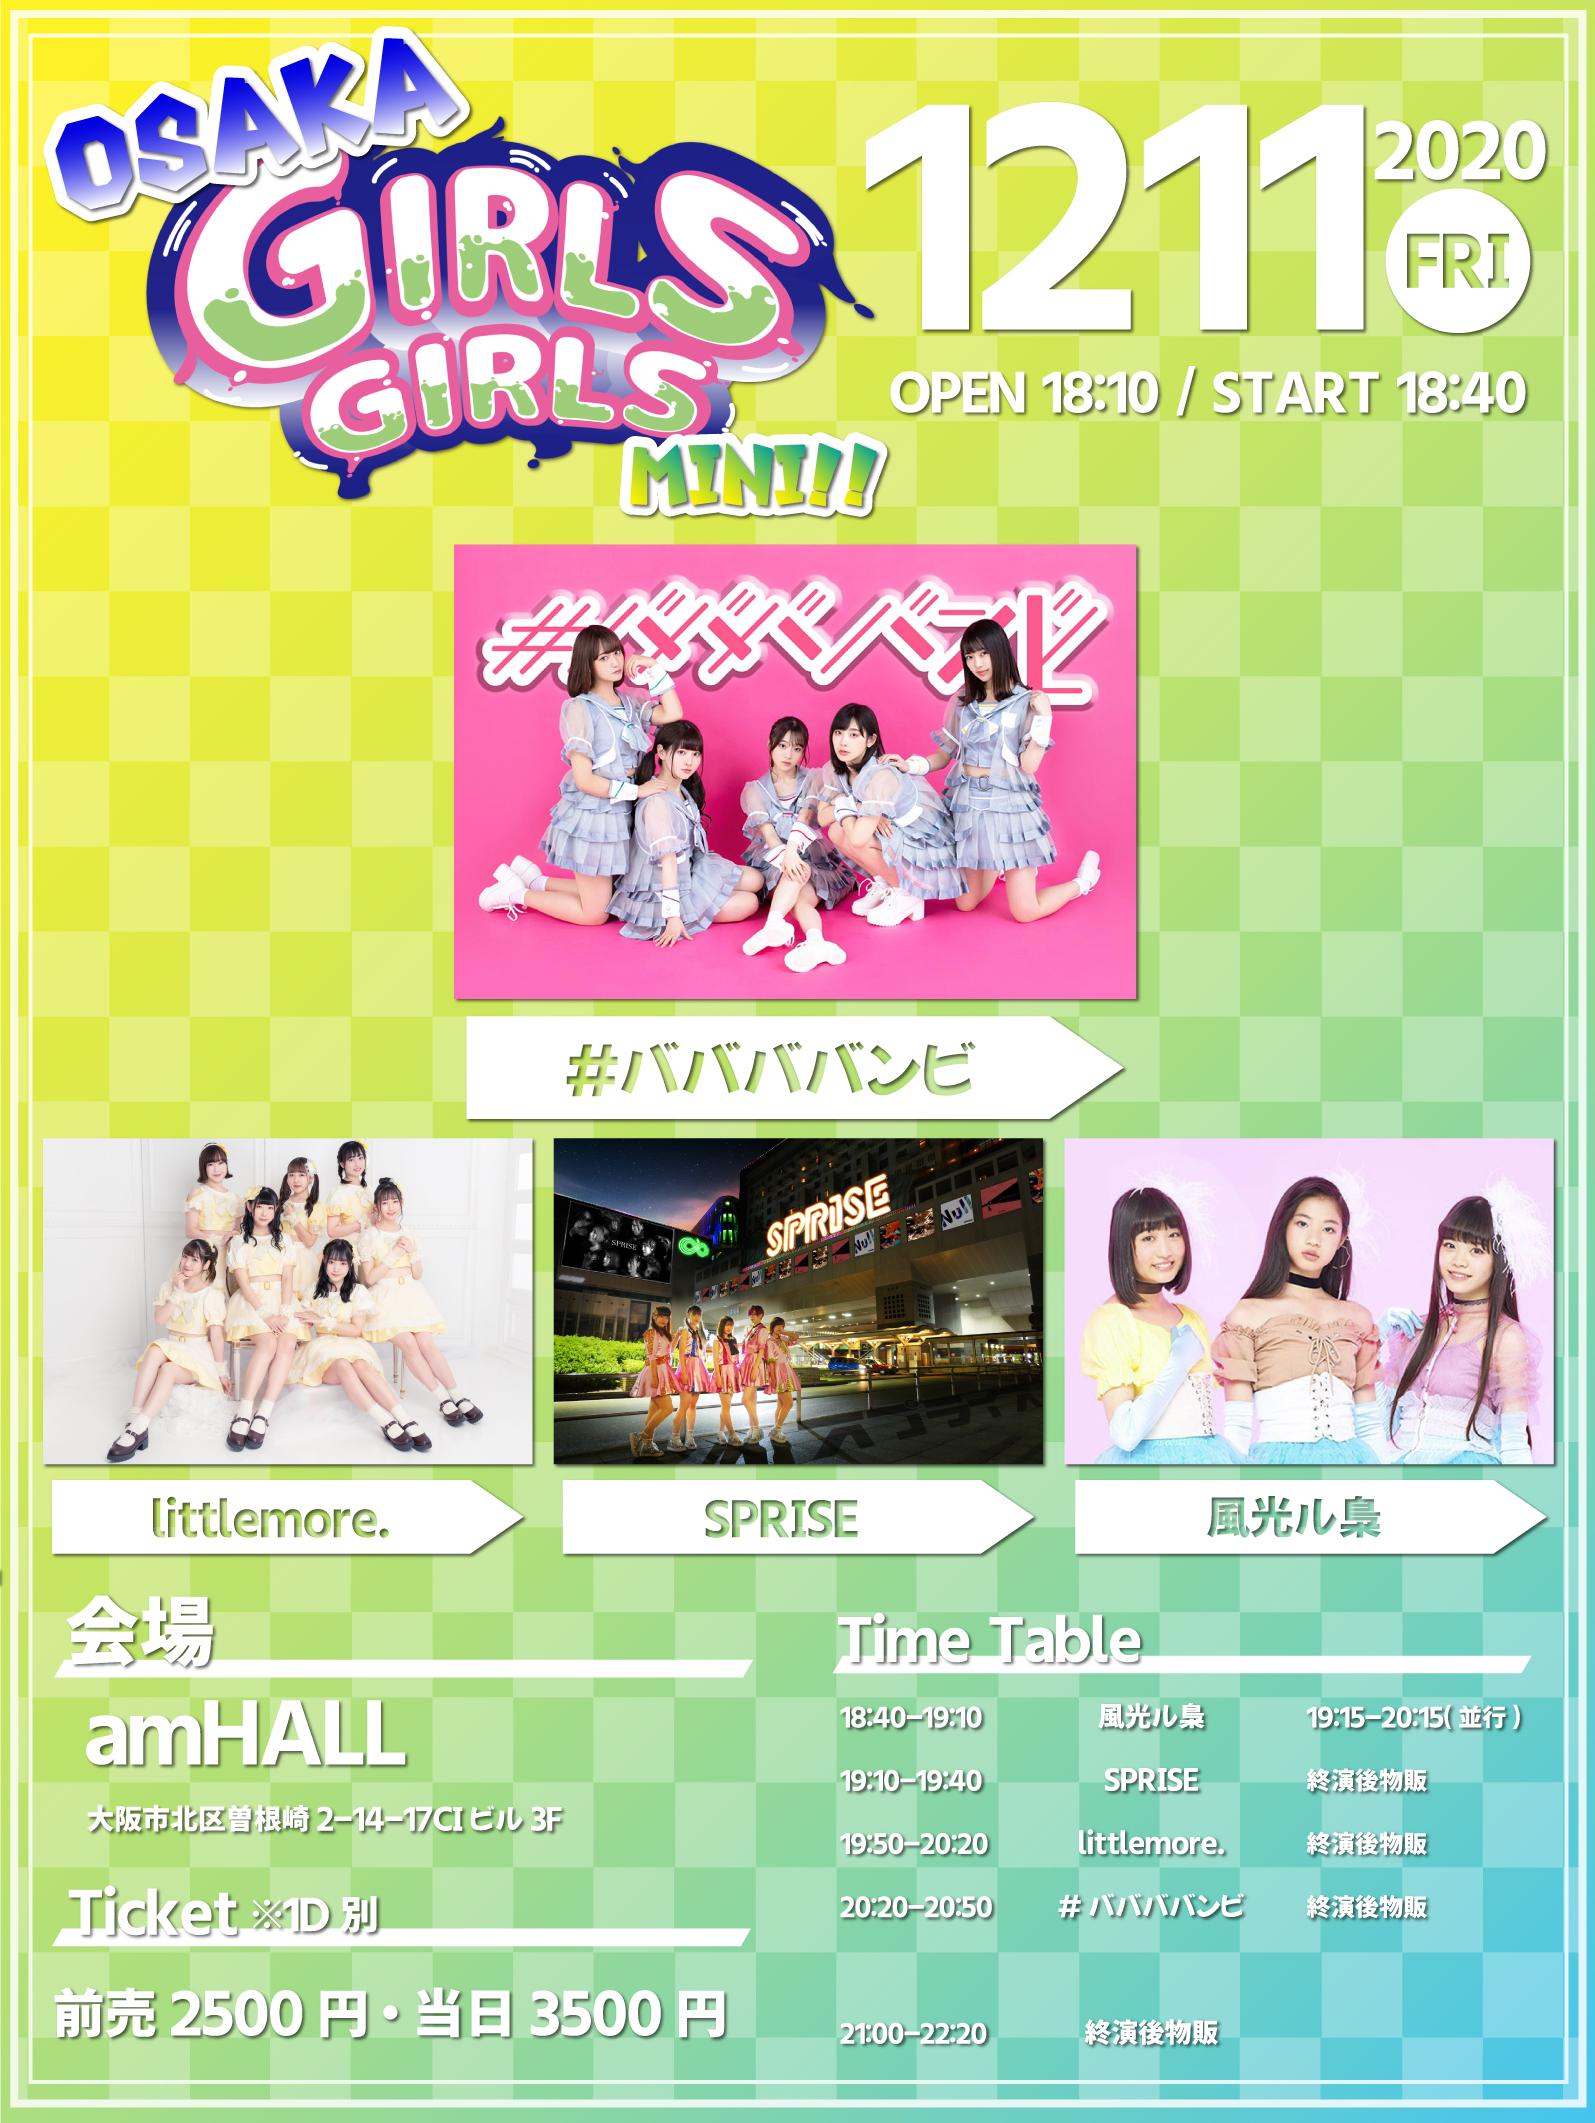 12/11(金) OSAKA GIRLS GIRLS mini!!